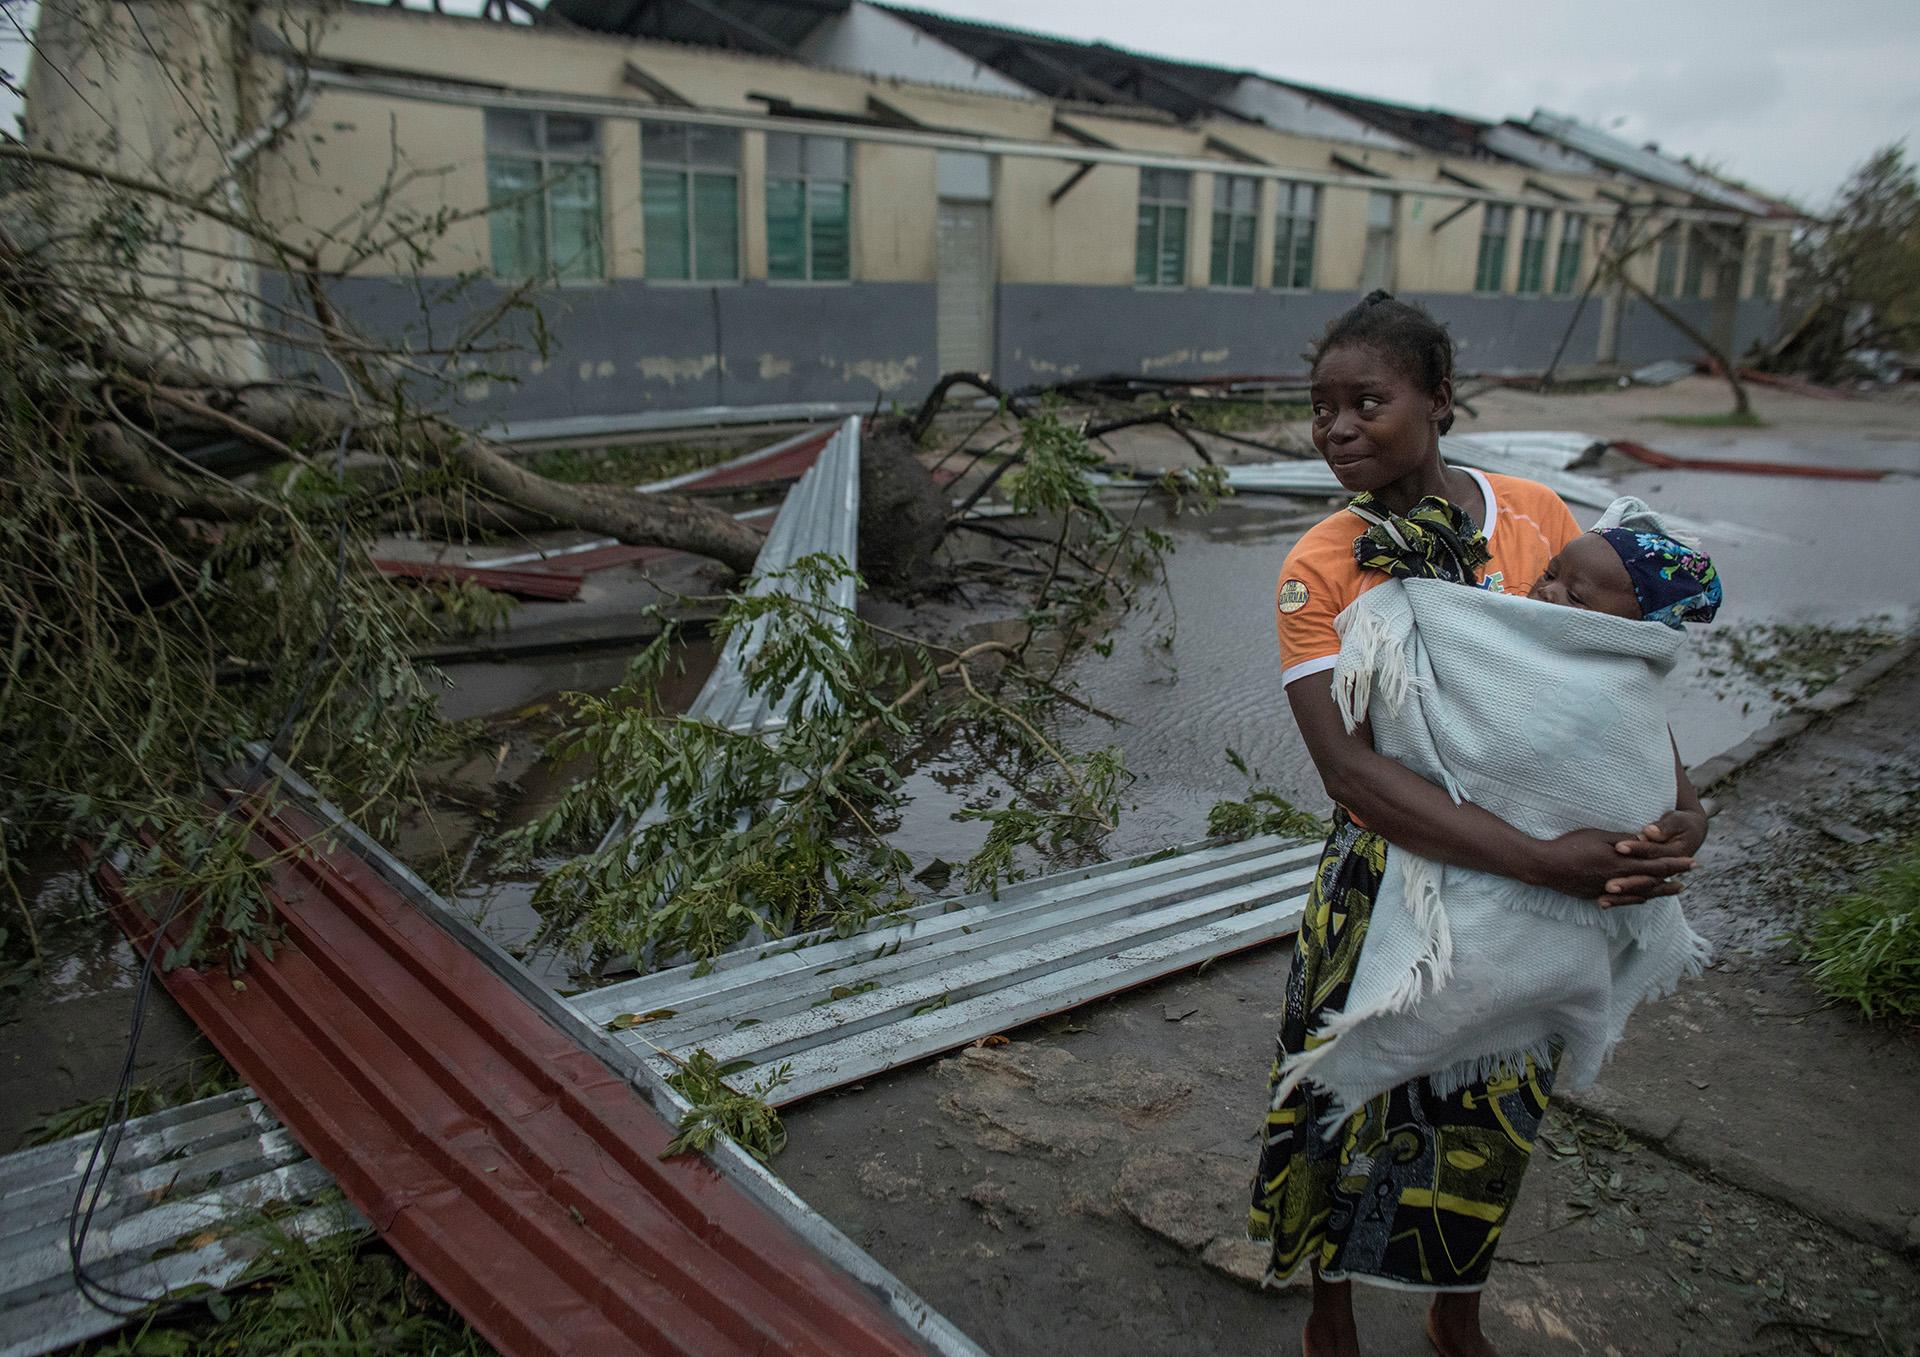 Las secuelas del ciclón Idai se muestran en Beira, Mozambique, el 16 de marzo de 2019.